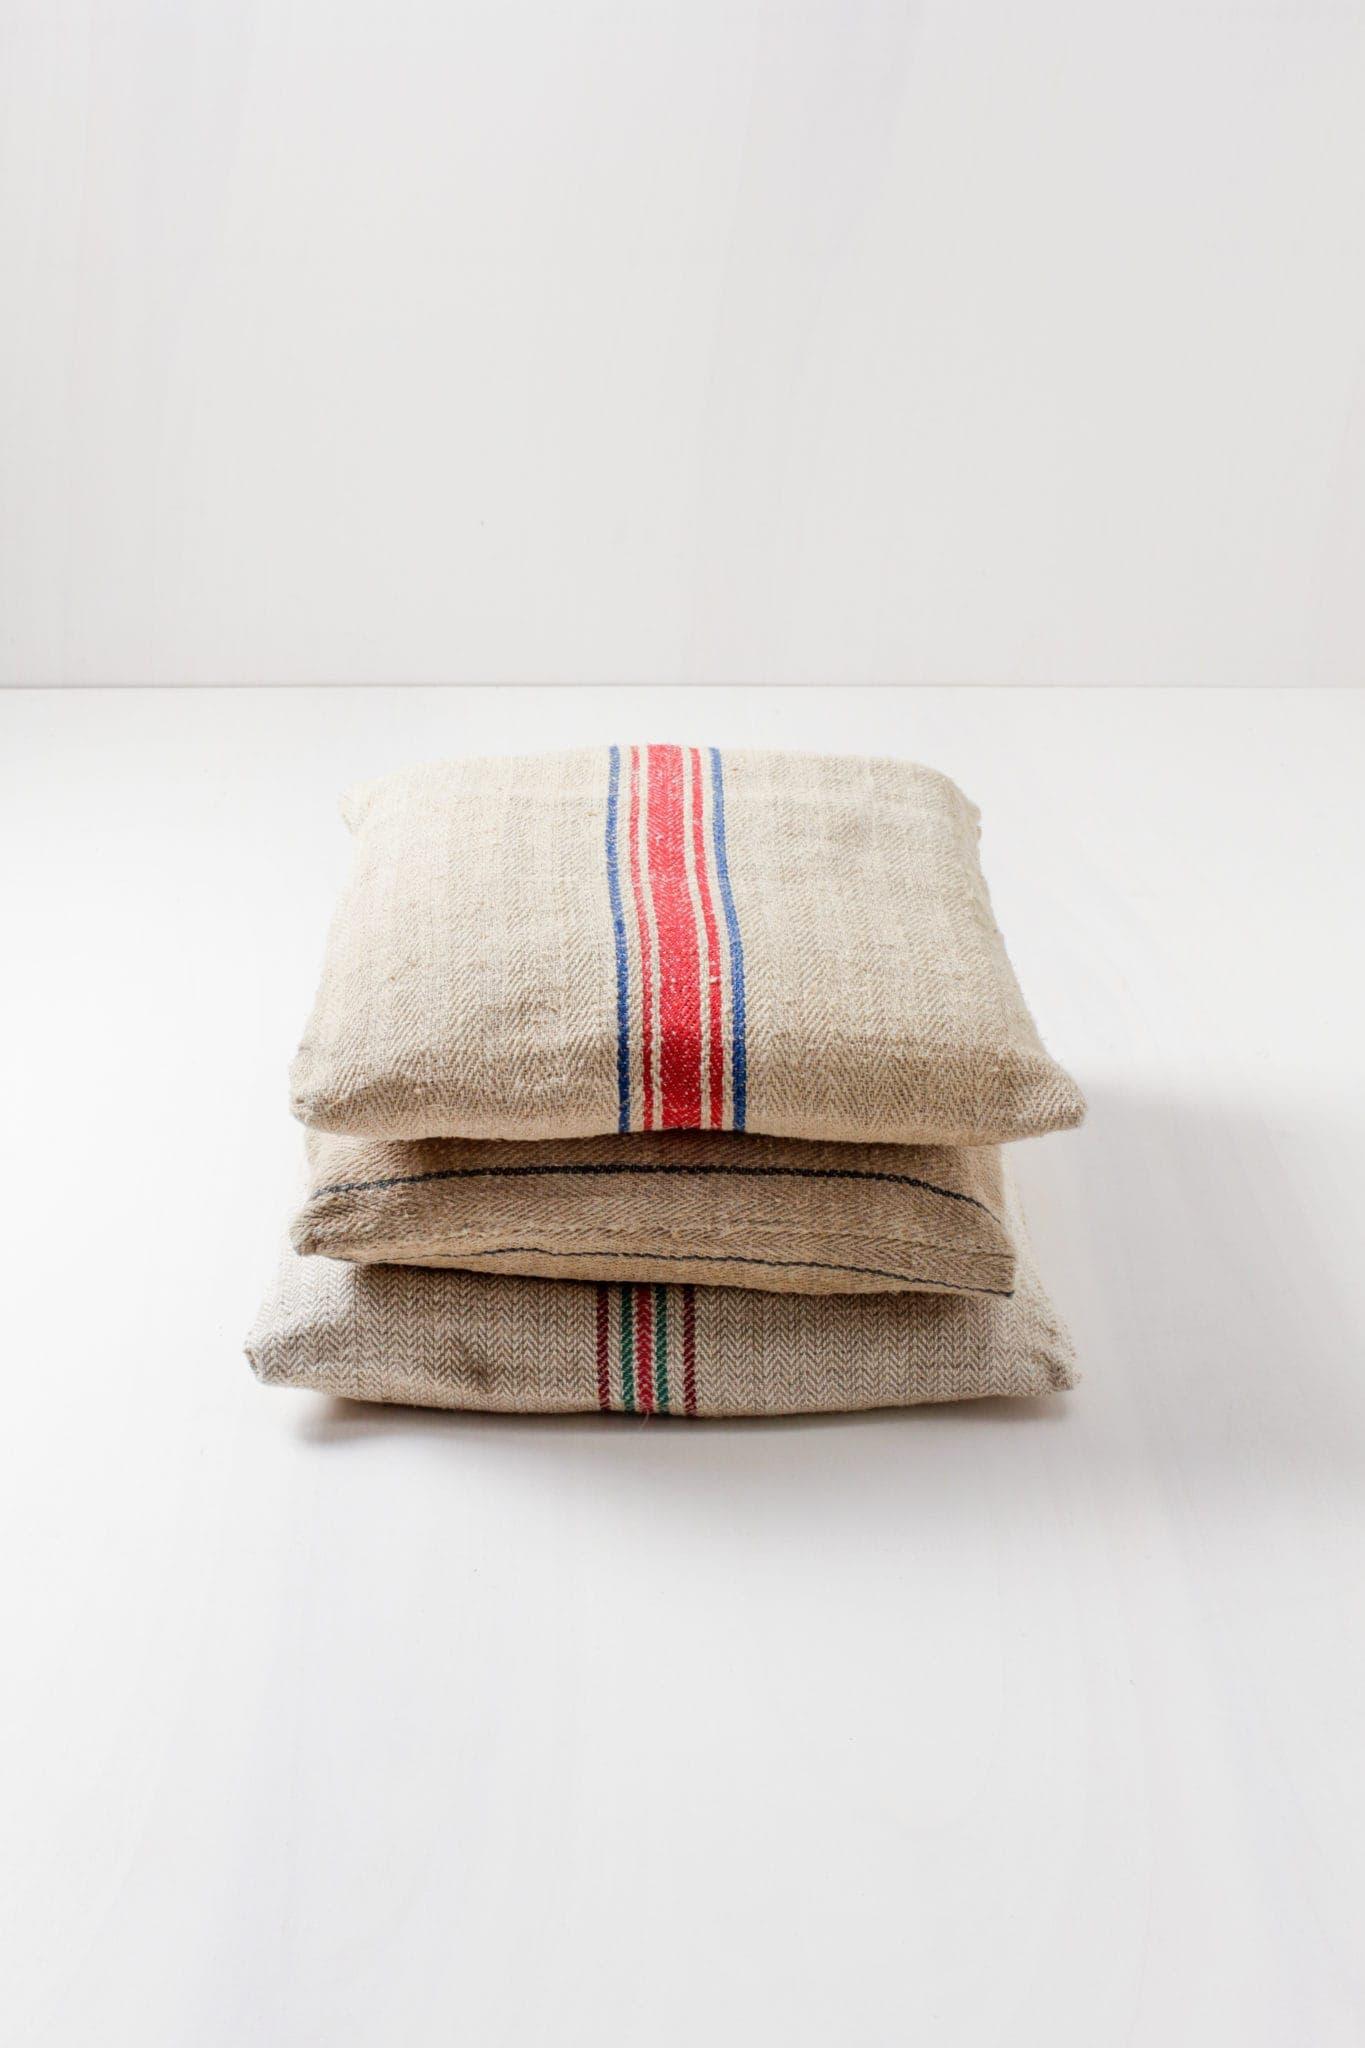 Sitzkissen Daniel | Kissen, quadratisch, verschiedene Farben, zum Sitzen oder Dekorieren. | gotvintage Rental & Event Design